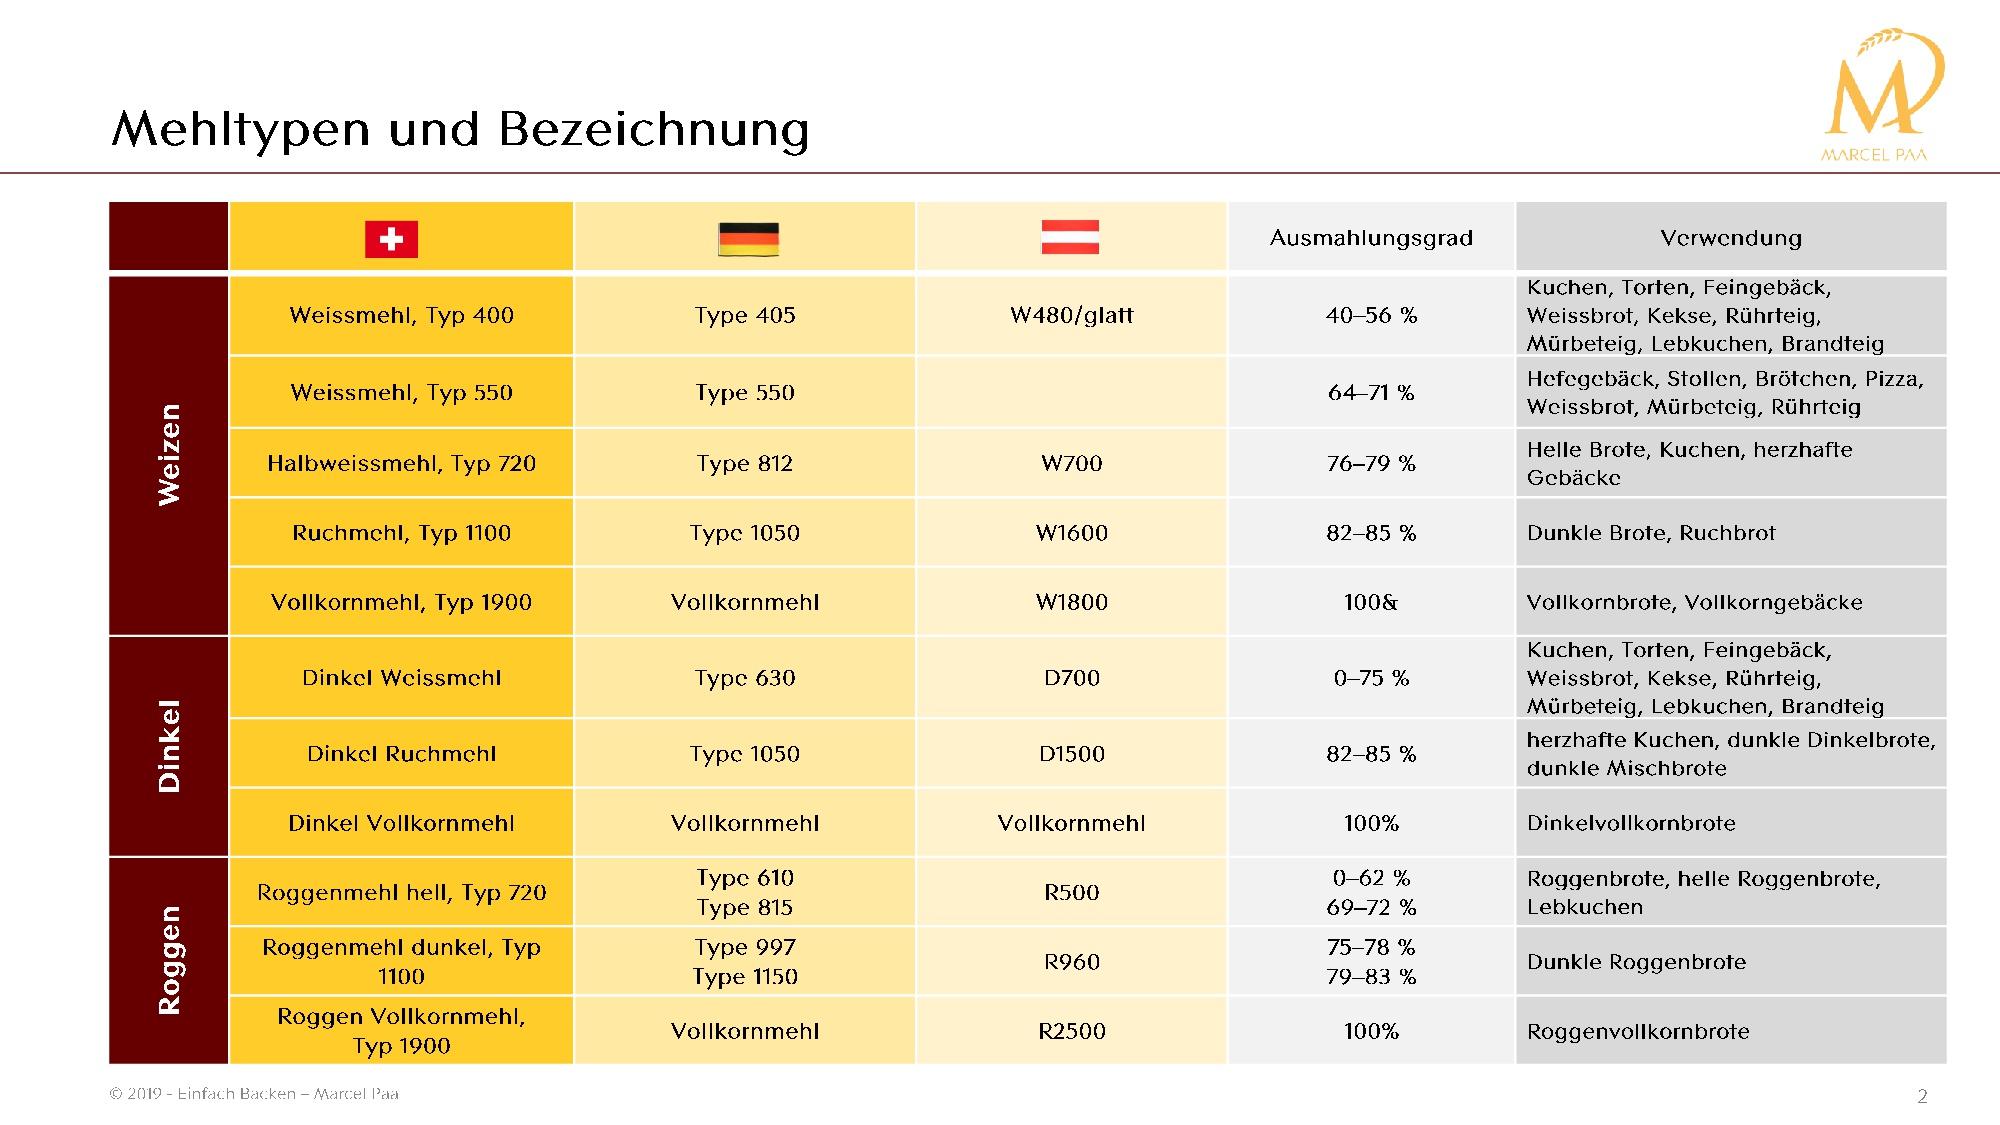 Tabelle mit Vergleich der Mehltypen in Deutschland, Österreich, Schweiz